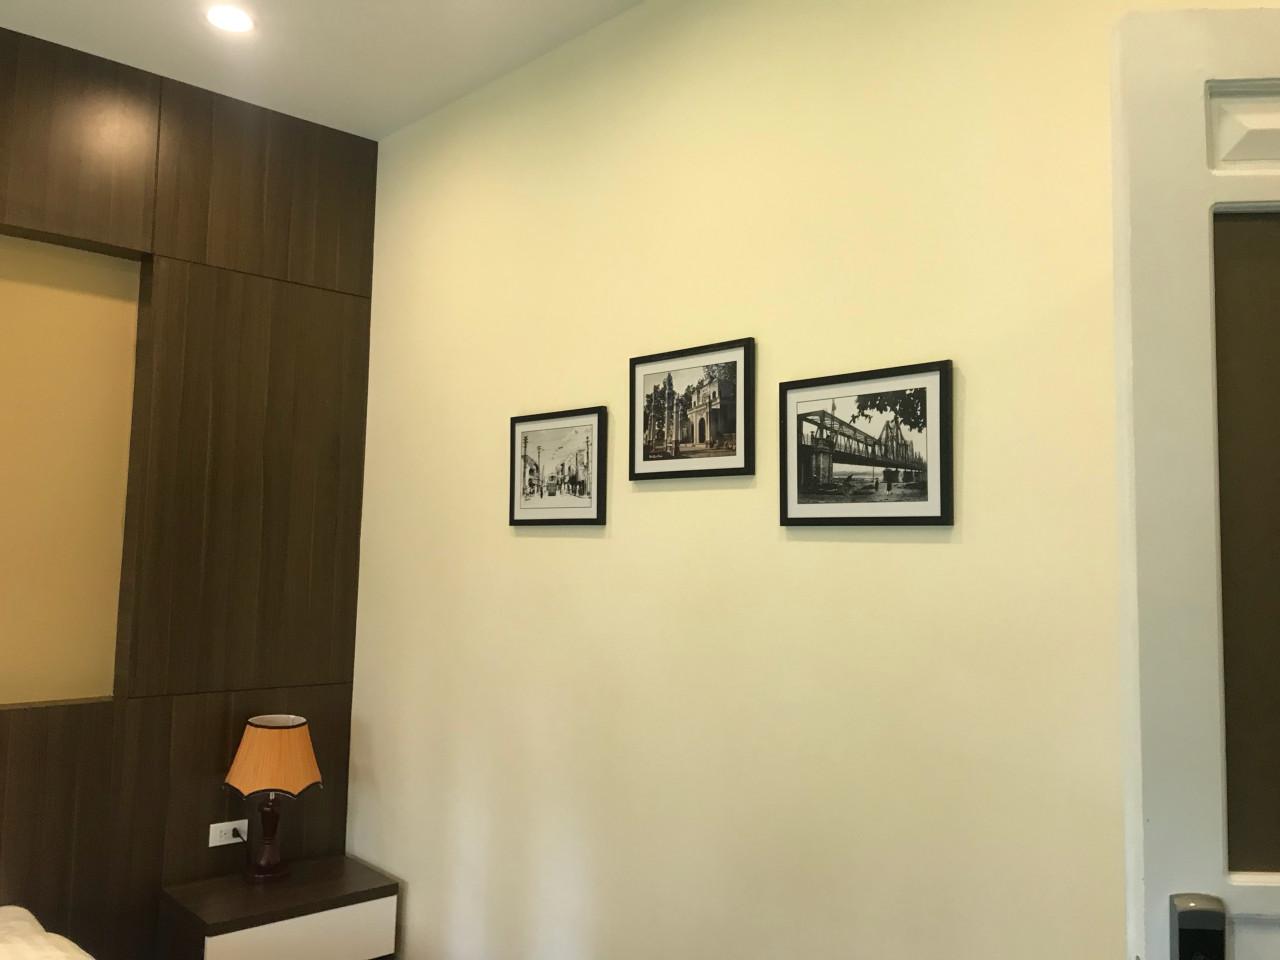 Khung tranh treo tường Hà Nội xưa trang trí phòng khách sạn